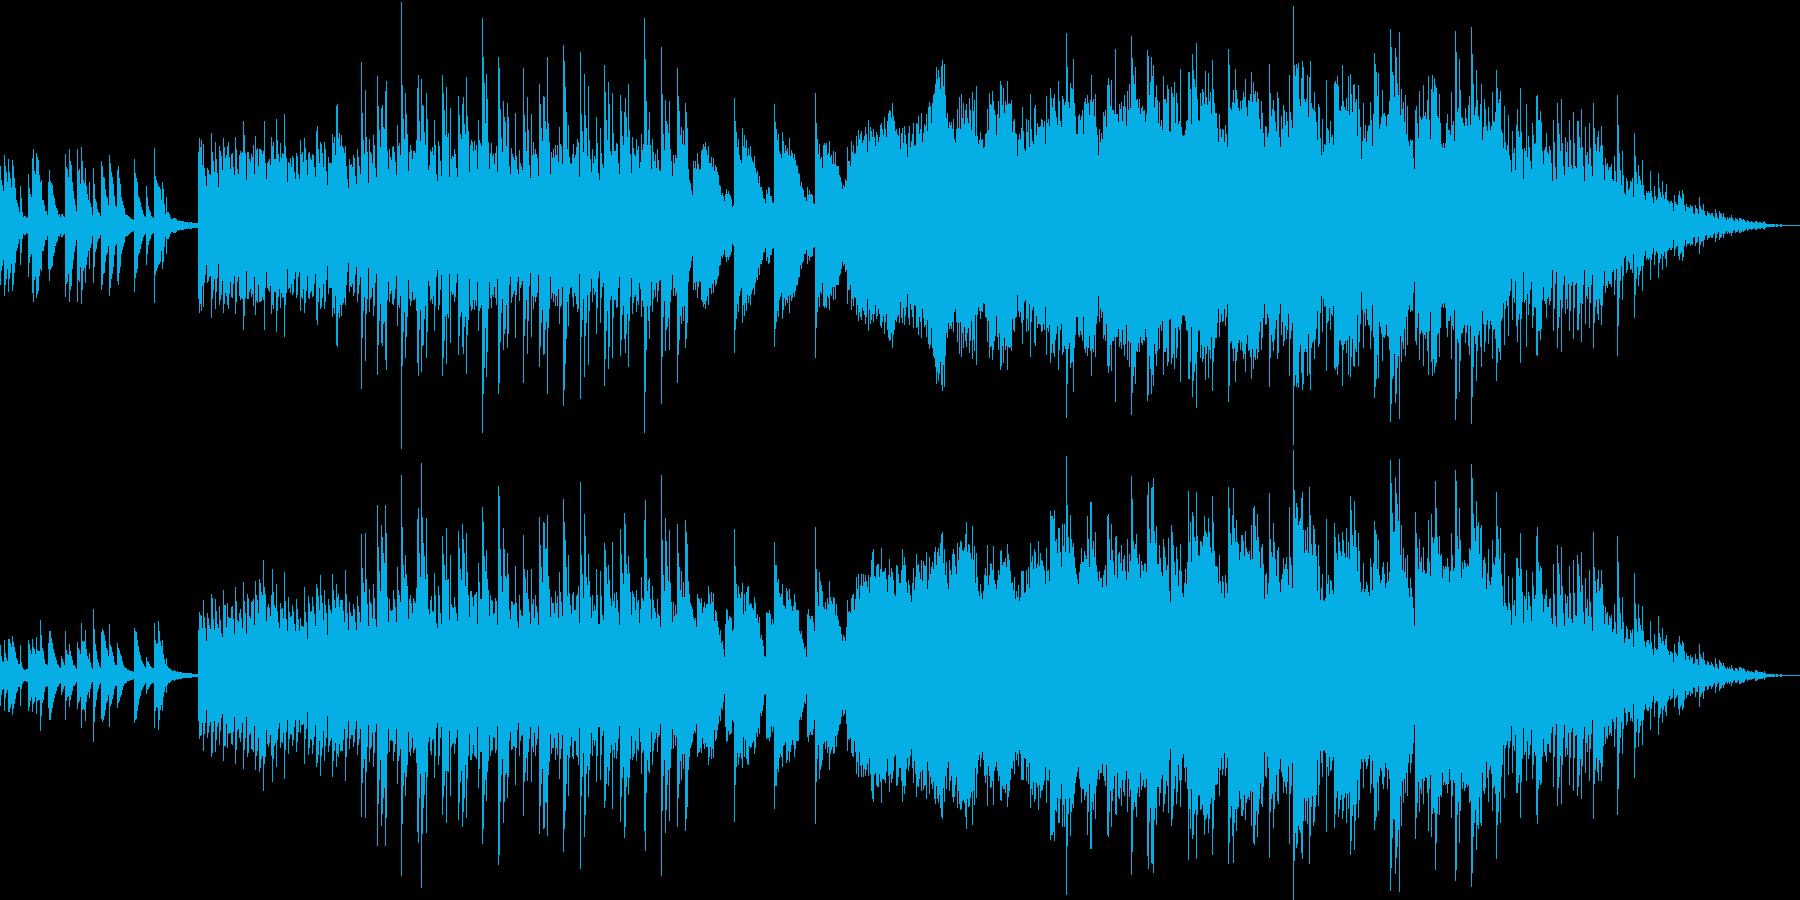 暗く絶望的な雰囲気の変拍子のサウンドの再生済みの波形